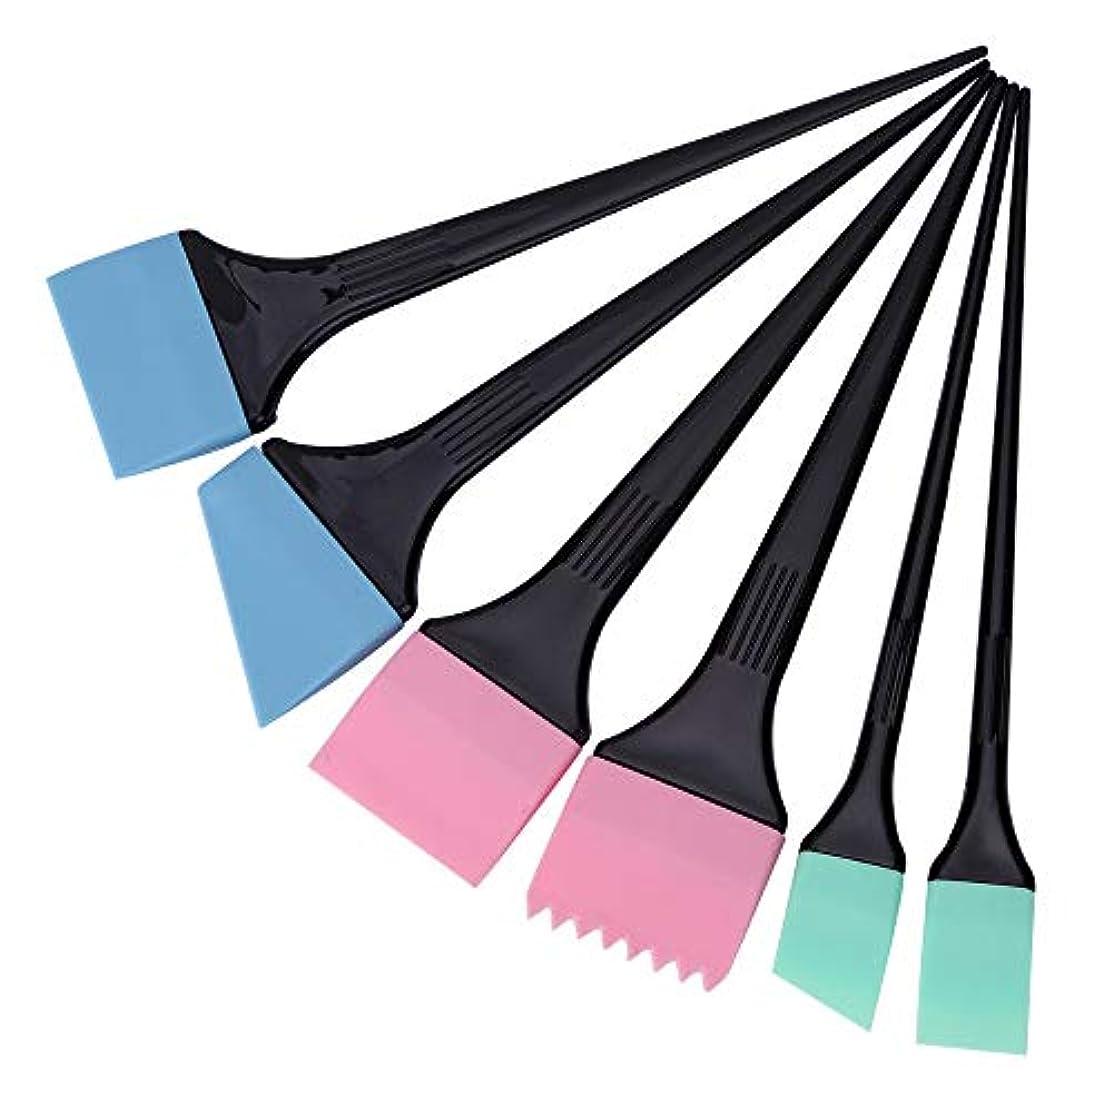 ピニオン覗く四面体ヘアダイコーム&ブラシ 毛染めブラシ 6本/セット 着色櫛キット プロサロン 理髪スタイリングツール へアカラーセット グリーン